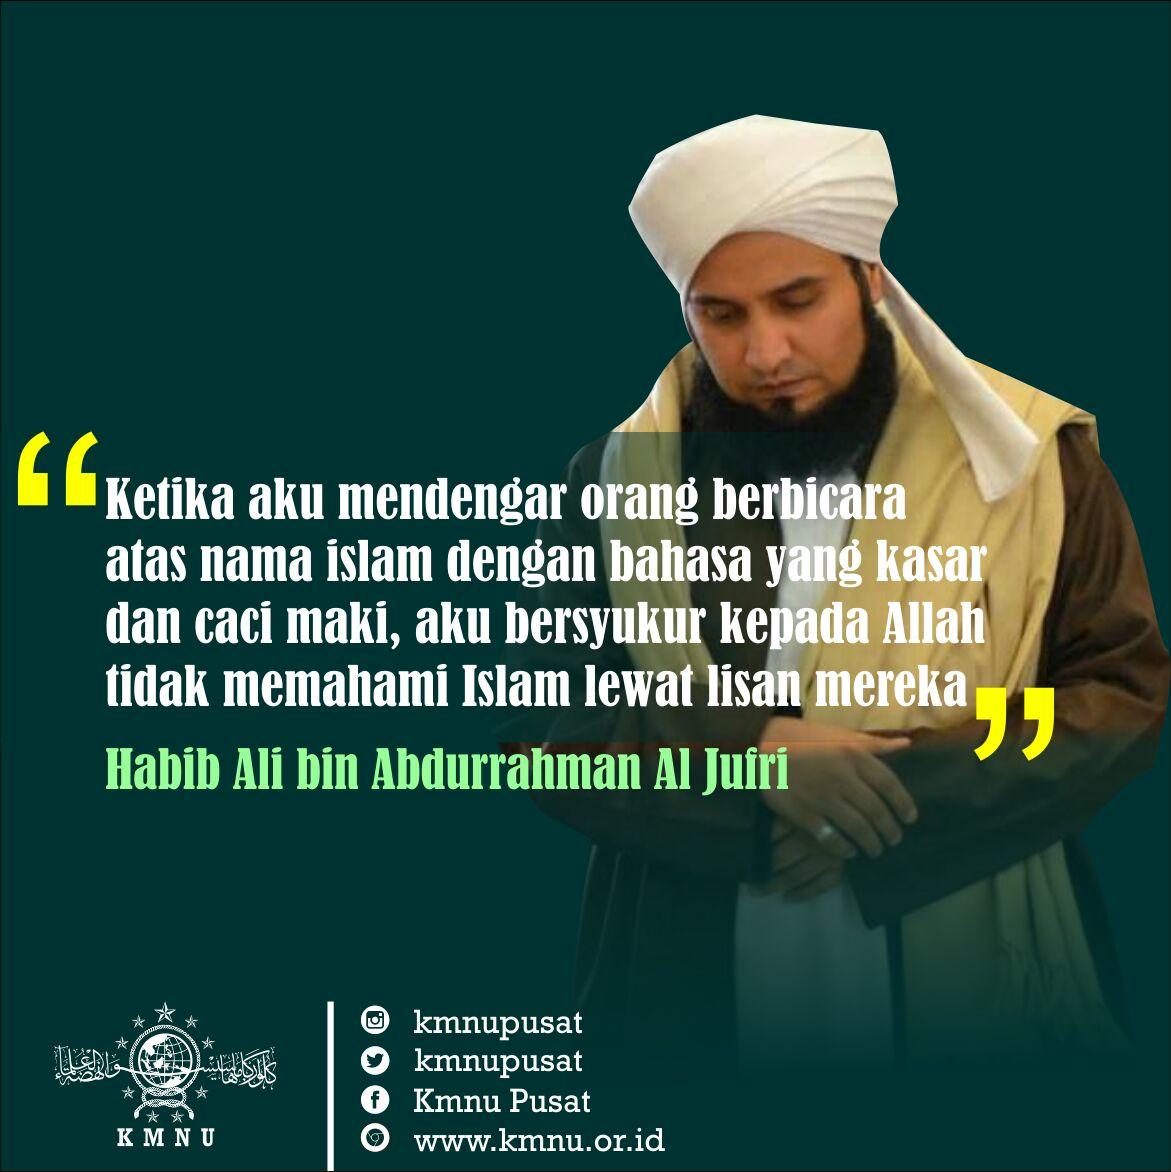 Pesan Mutiara Dari Habib Ali Bin Abdurrahman Al Jufri Meme Comic